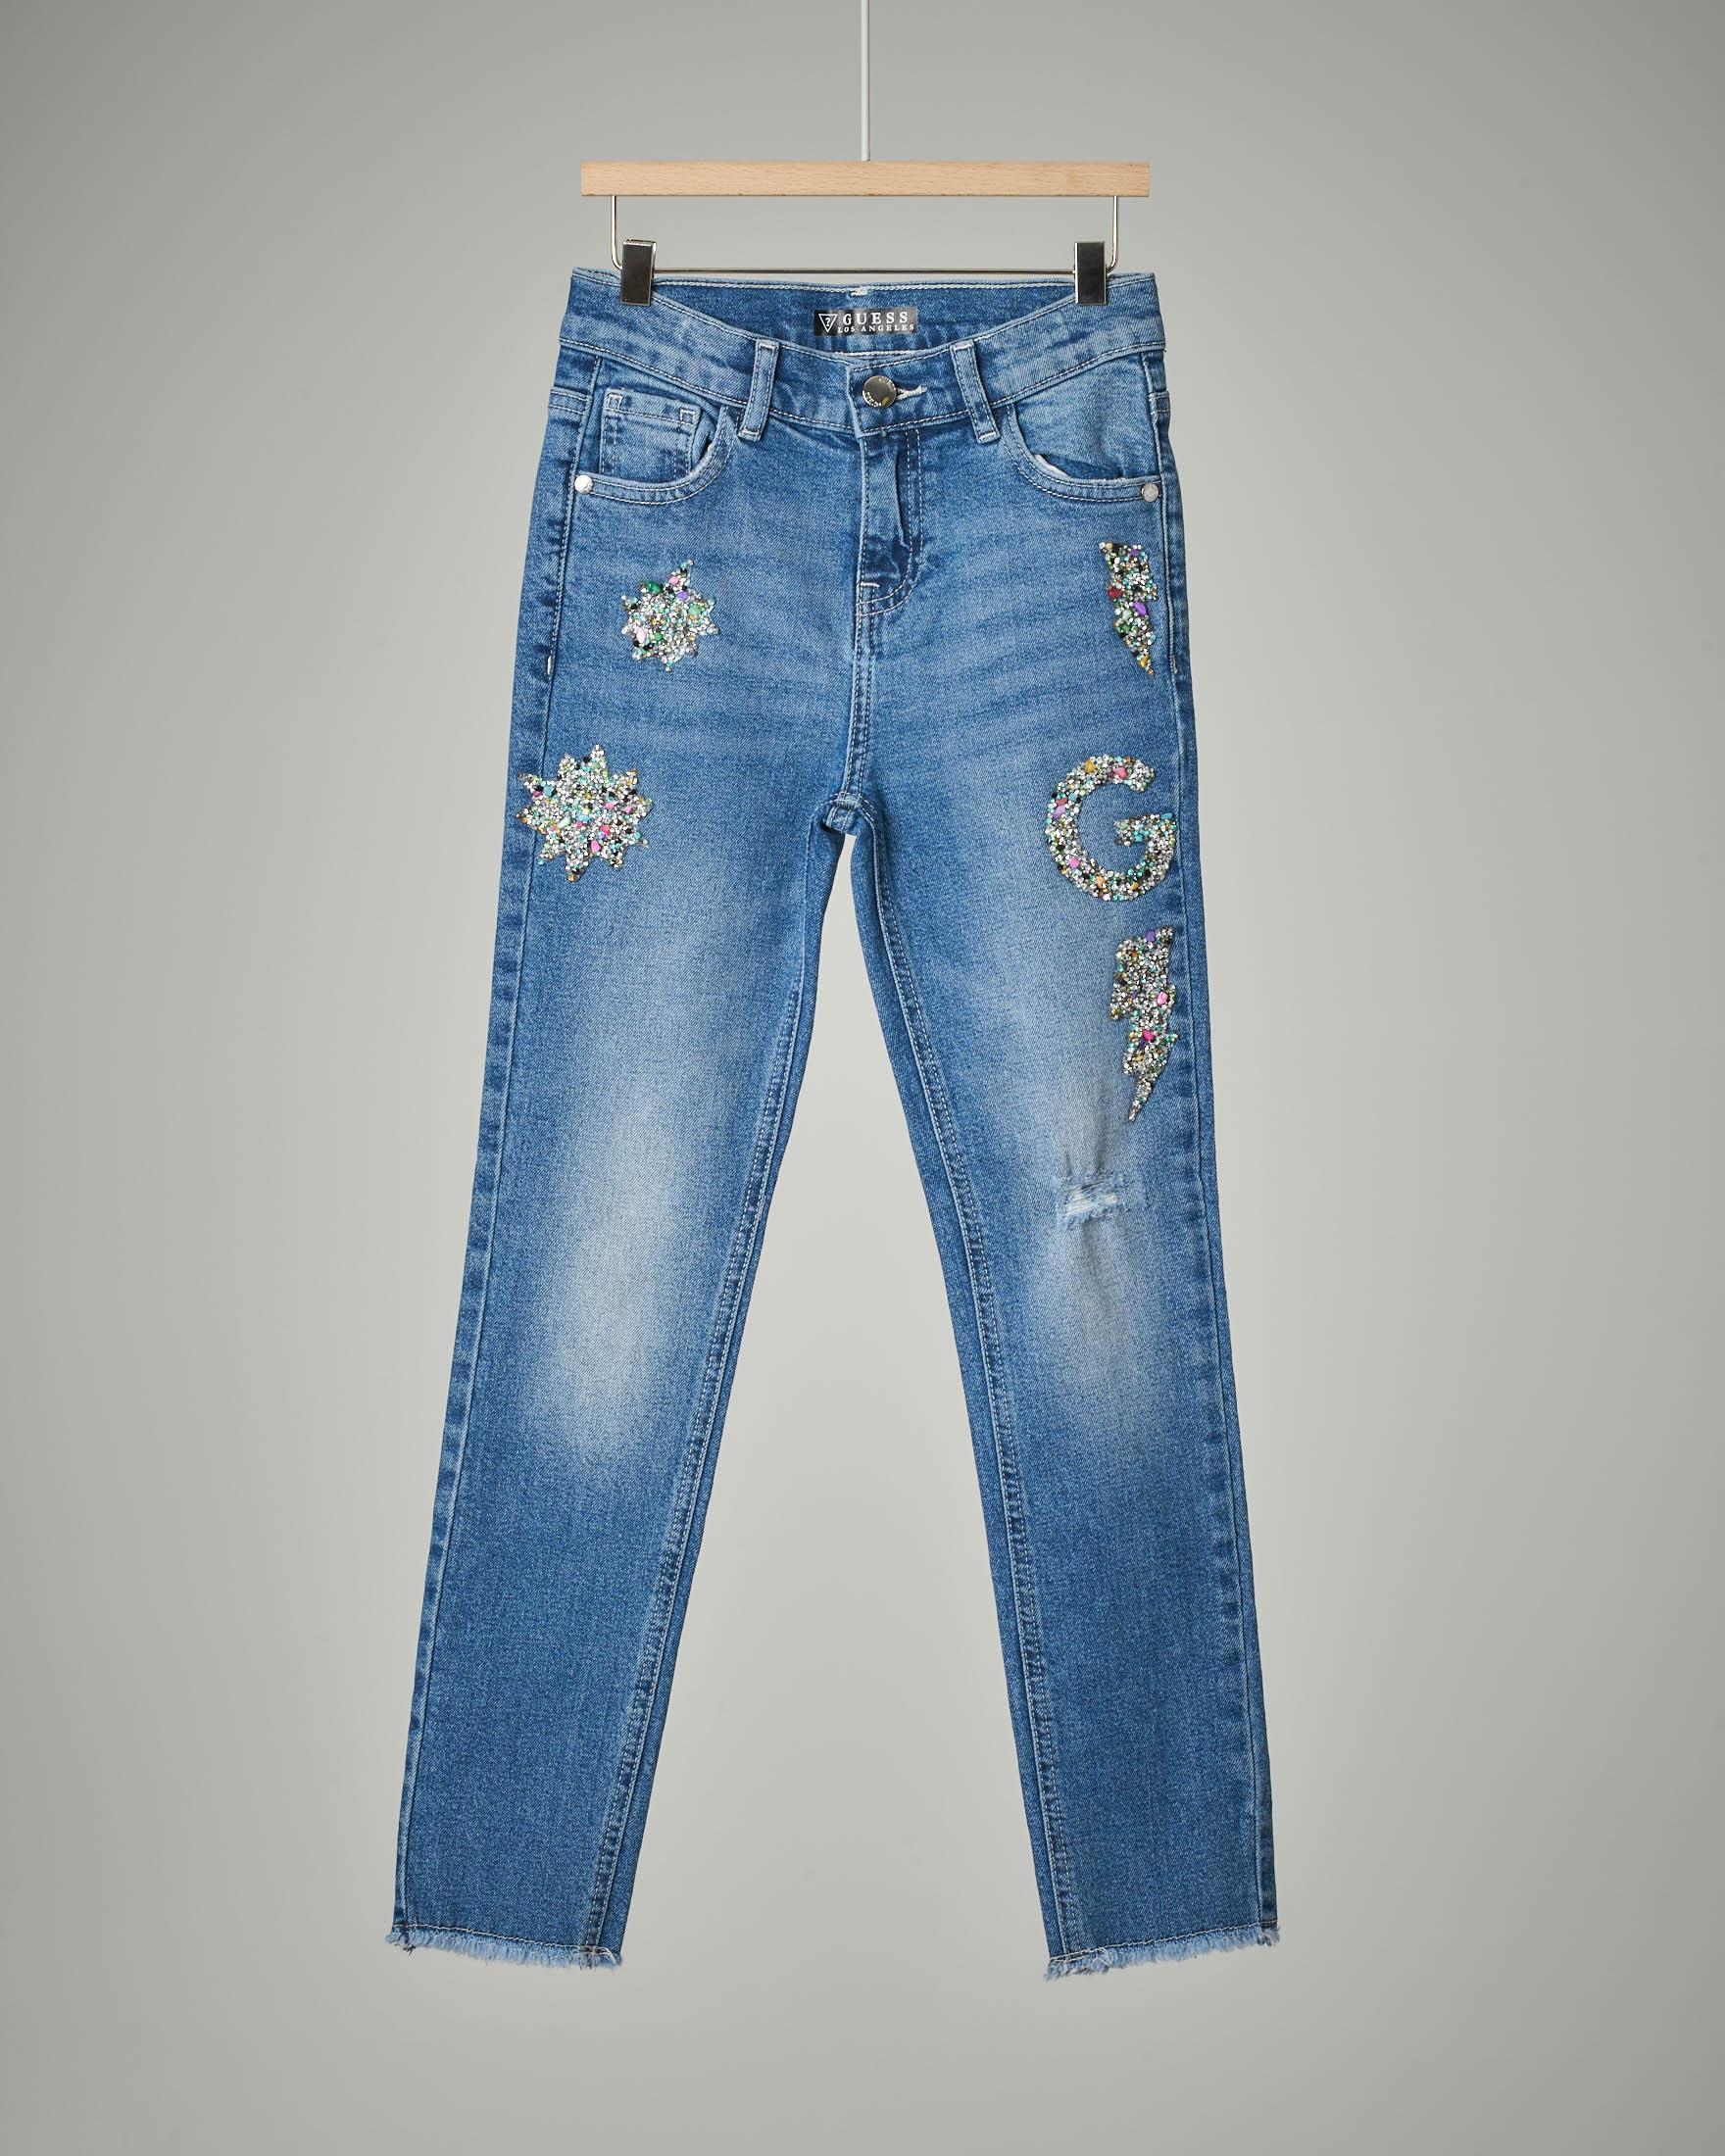 Jeans ricamo + pietre